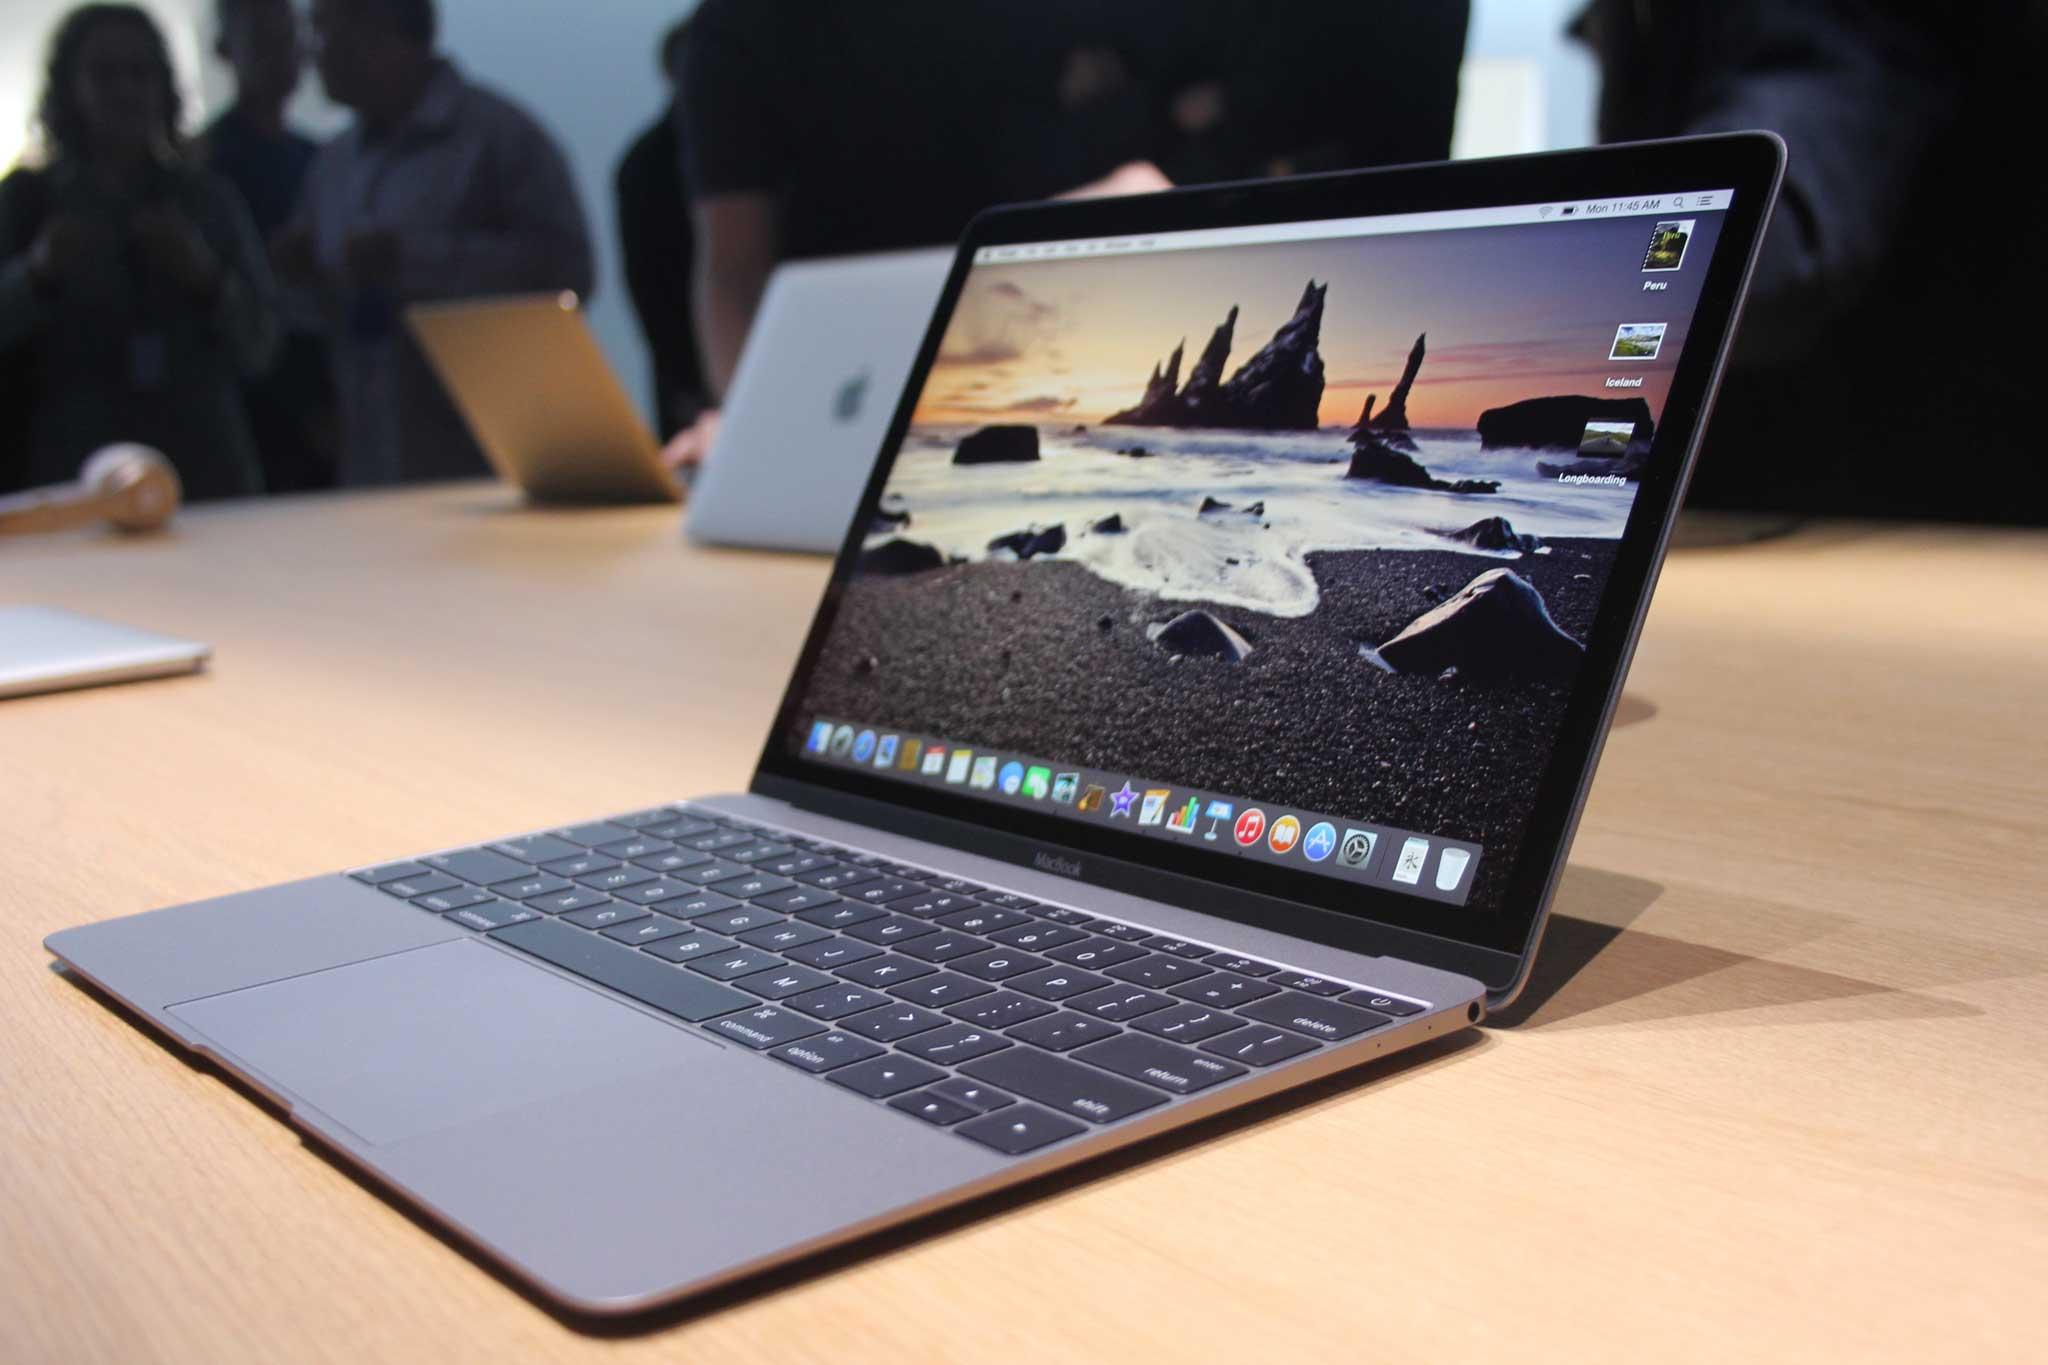 Gadai Laptop Tanpa Kwitansi di Pegadaian Apa Bisa?